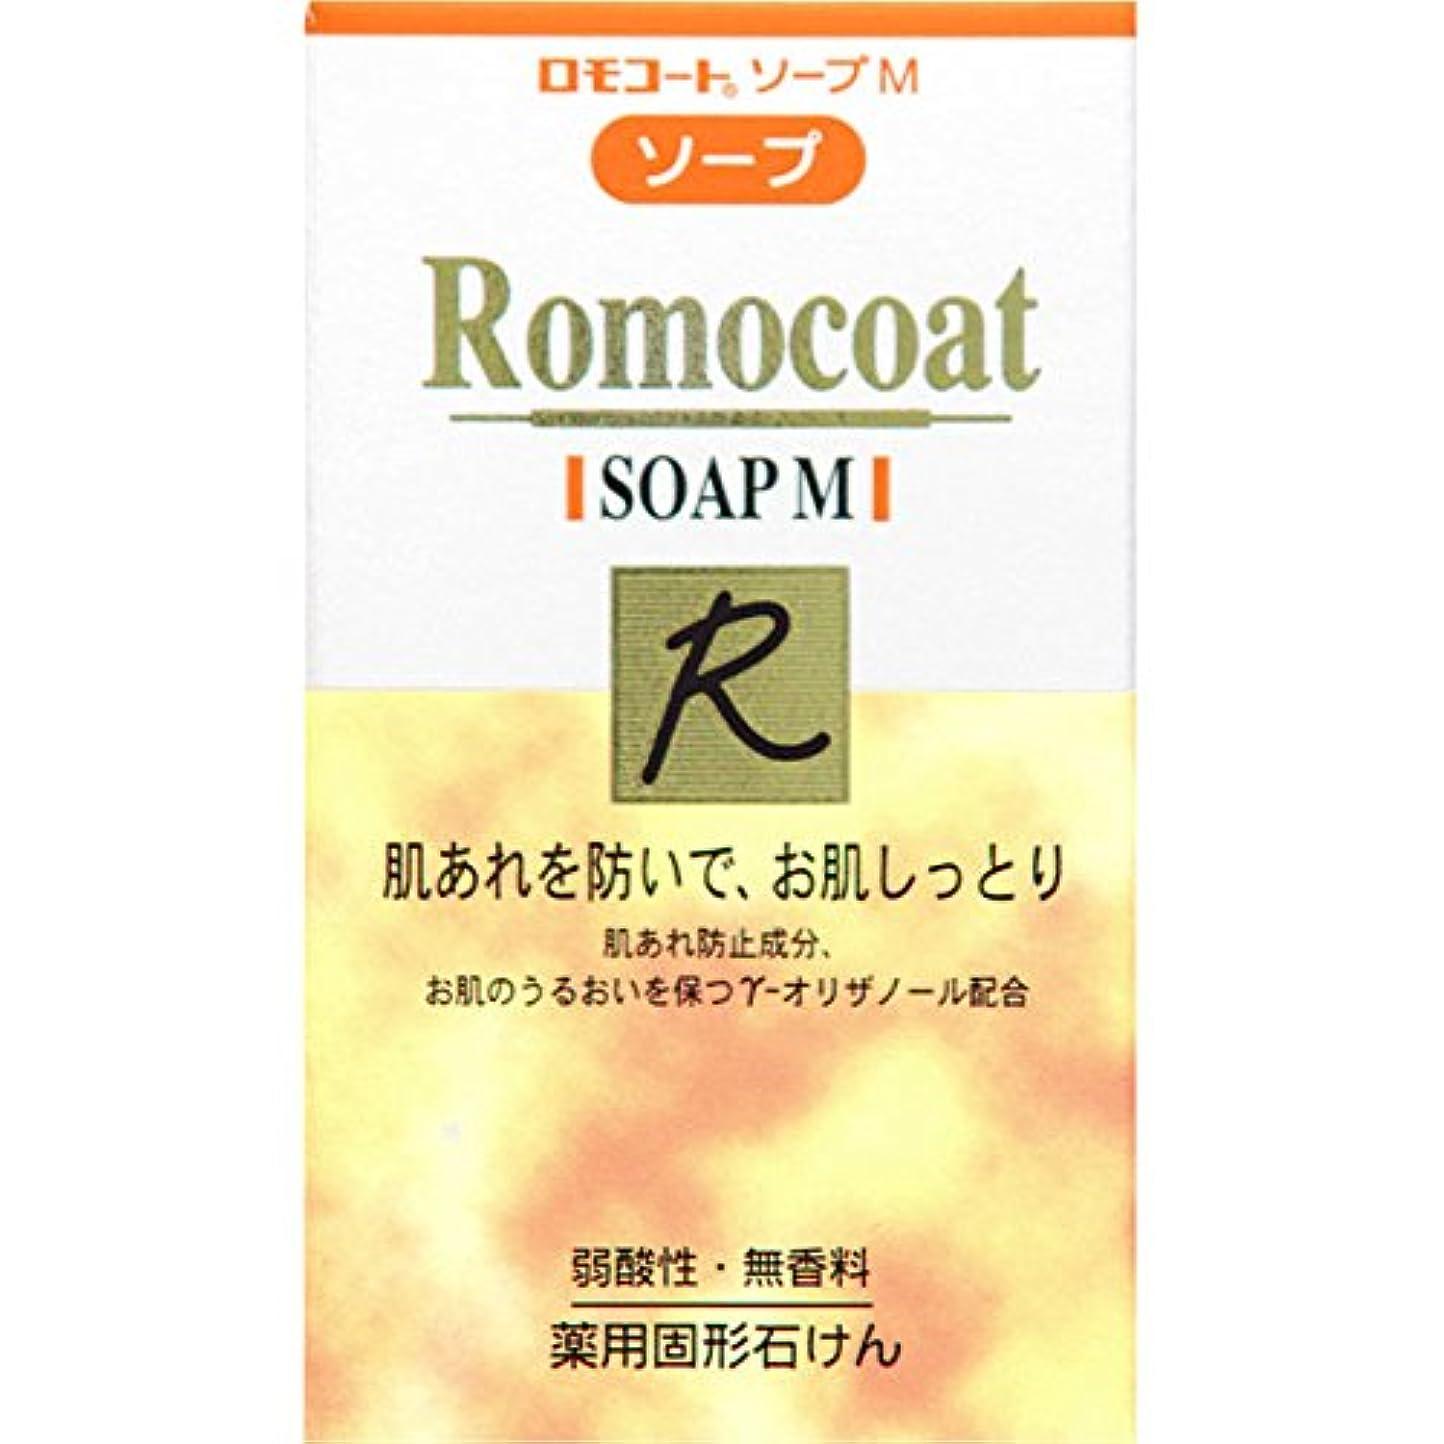 熱狂的な司書頼む全薬工業 ロモコート ソープM 60g (医薬部外品)